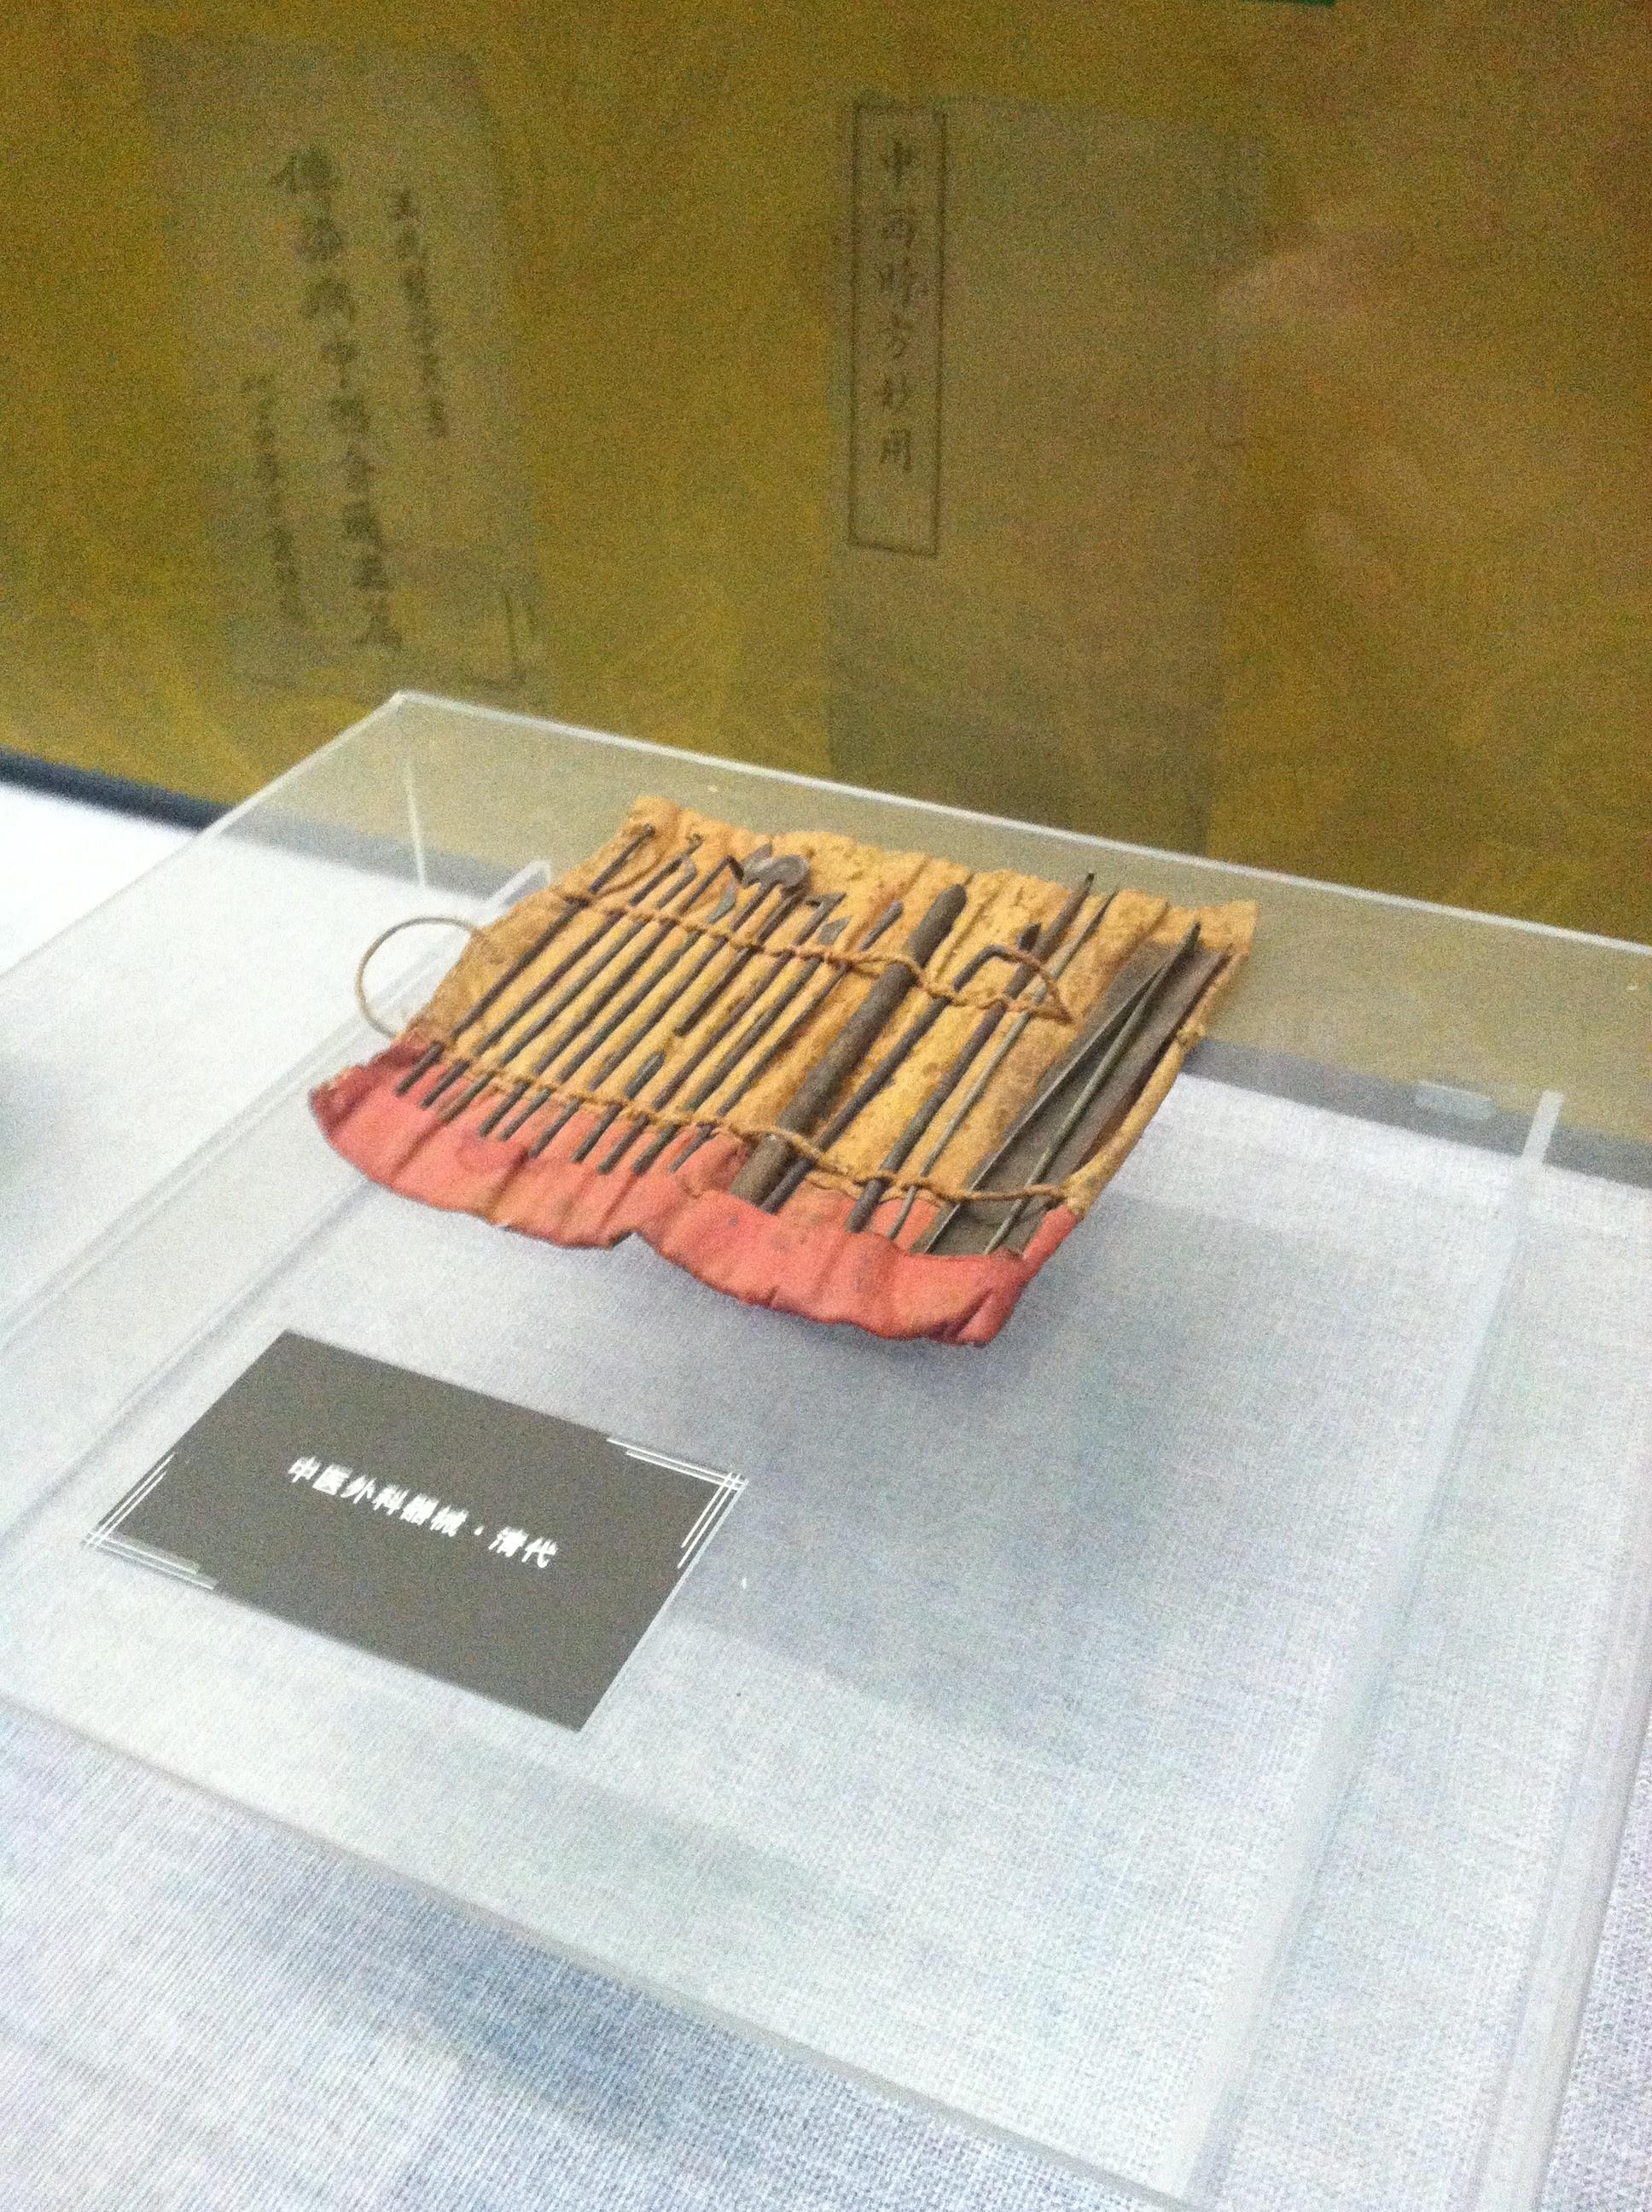 Original Acupuncture Tools